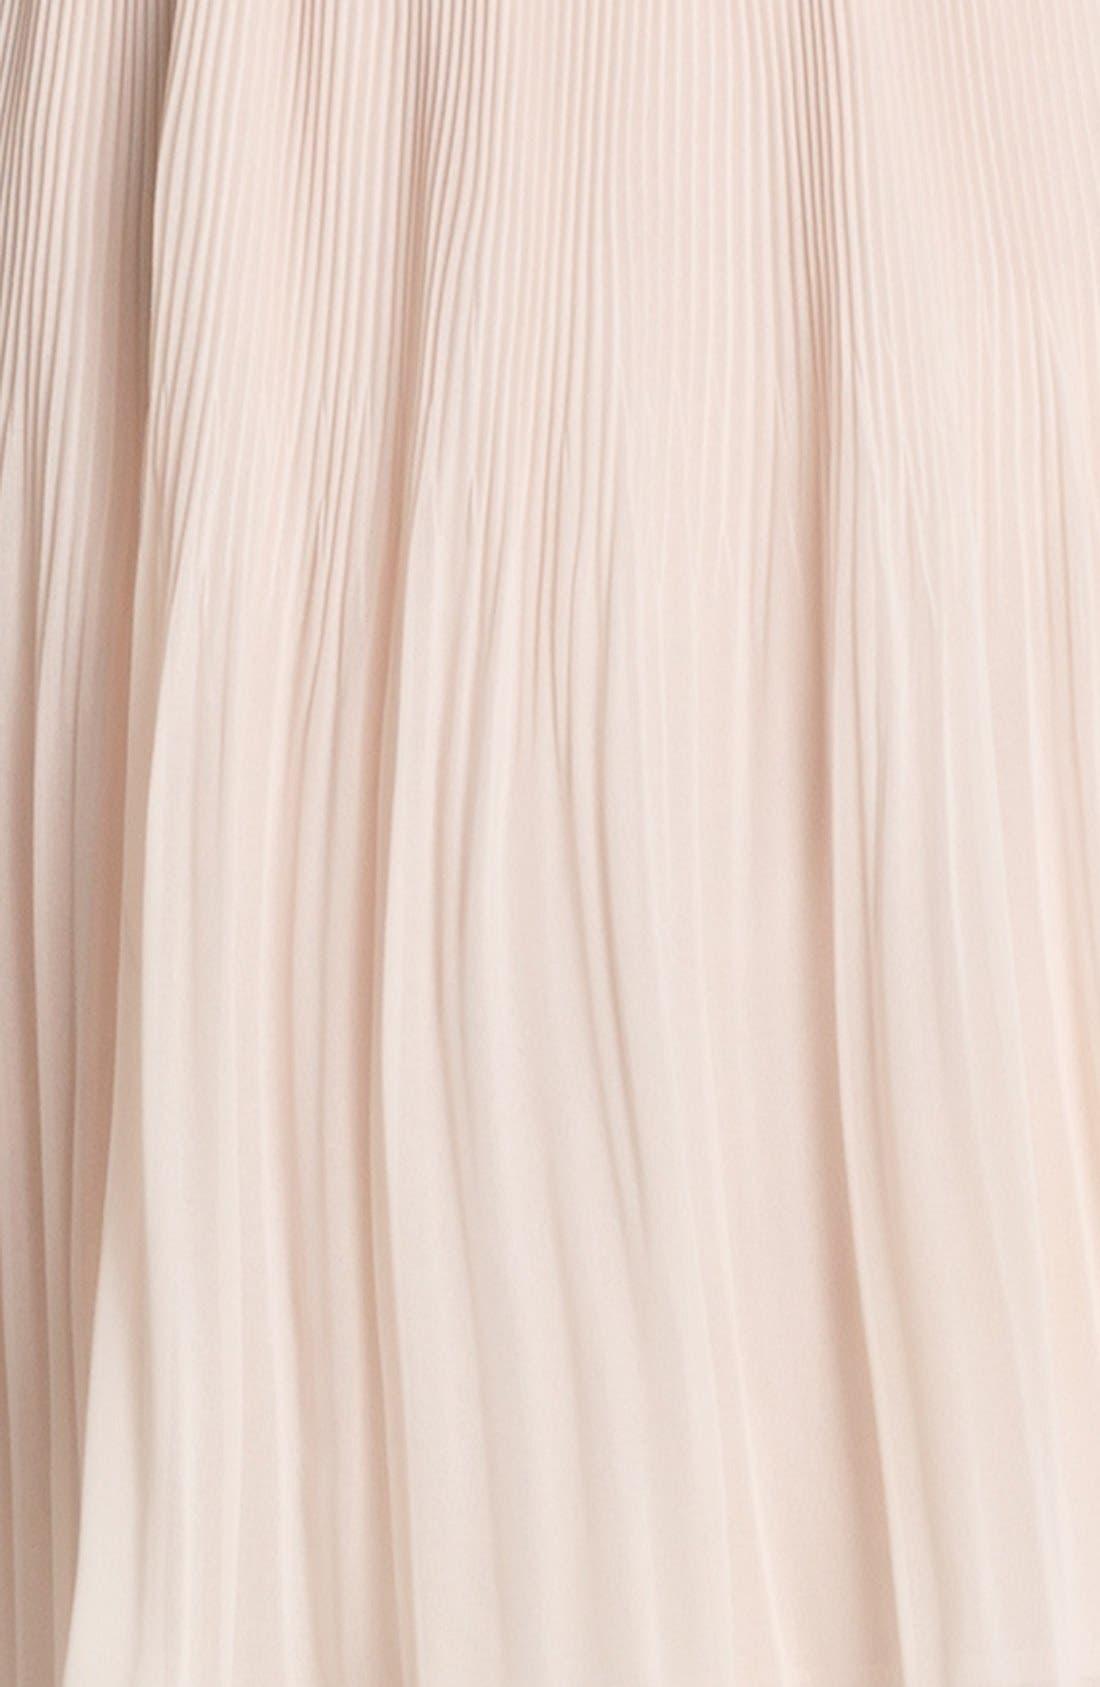 Alternate Image 3  - Mesh Back Pleated Chiffon Dress